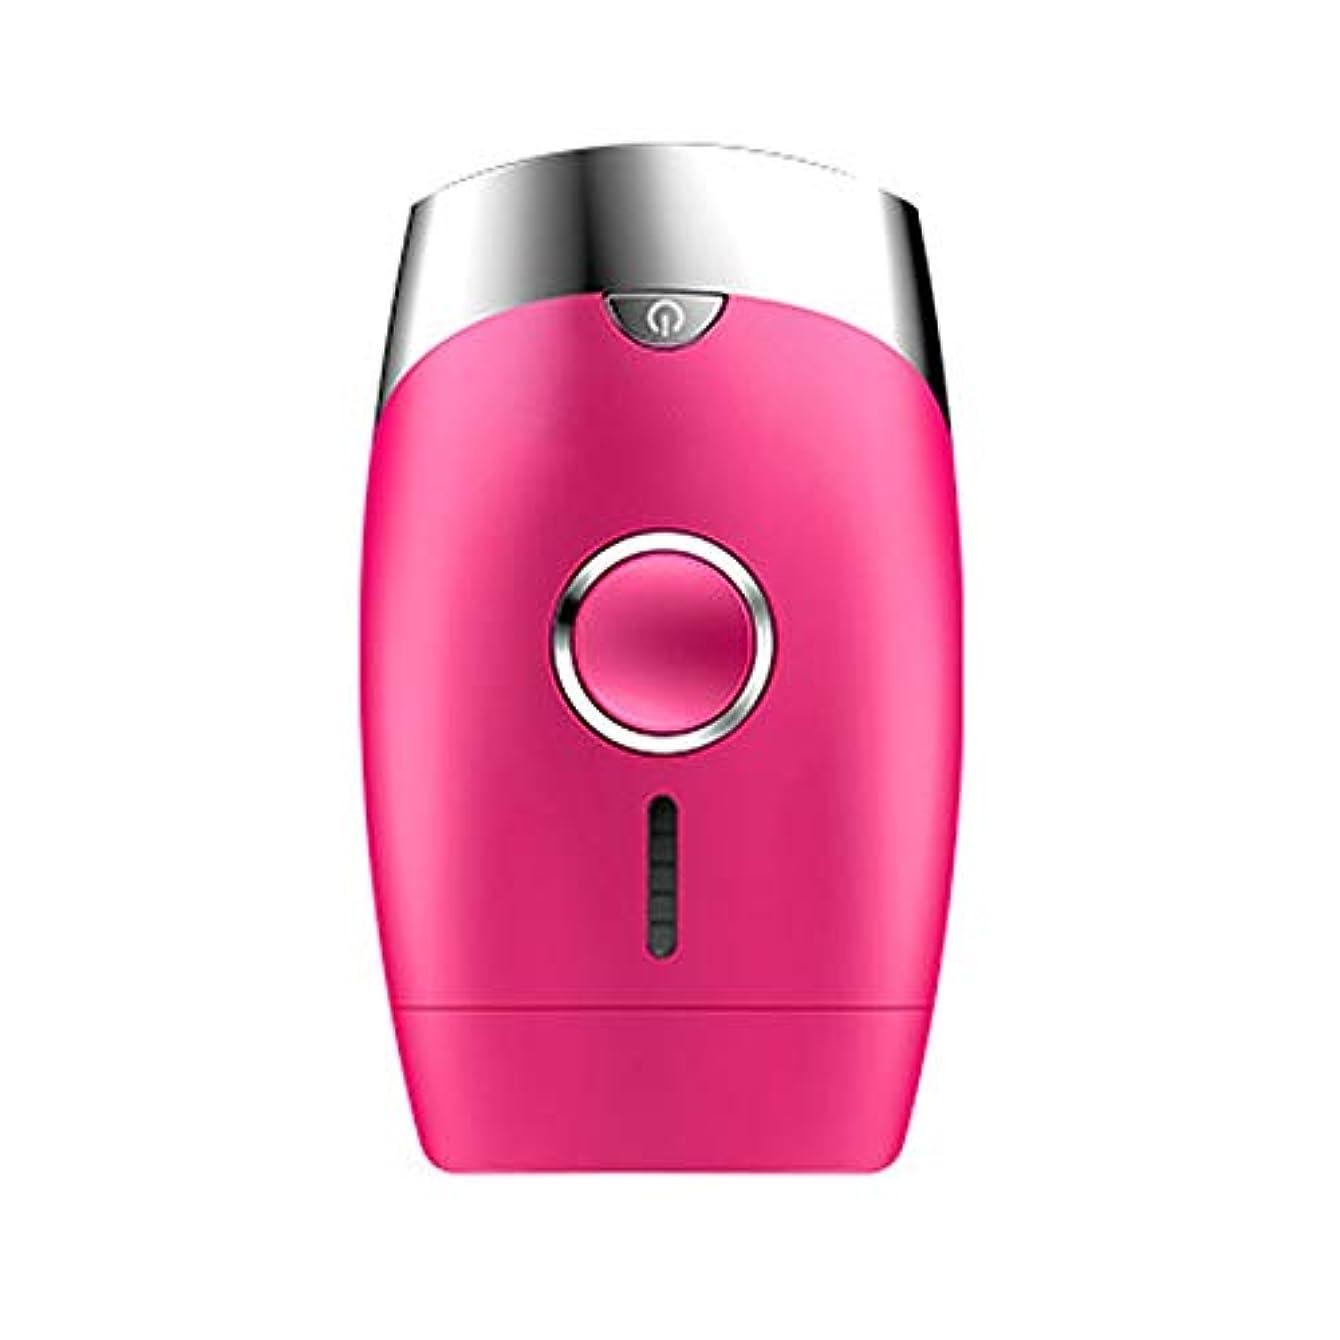 商品リアルレディピンク、5スピード調整、インテリジェント家庭用痛みのない凝固点ヘアリムーバー、シングルフラッシュ/連続フラッシュ、サイズ13.9 X 8.3 X 4.8 Cm 髪以外はきれい (Color : Pink)